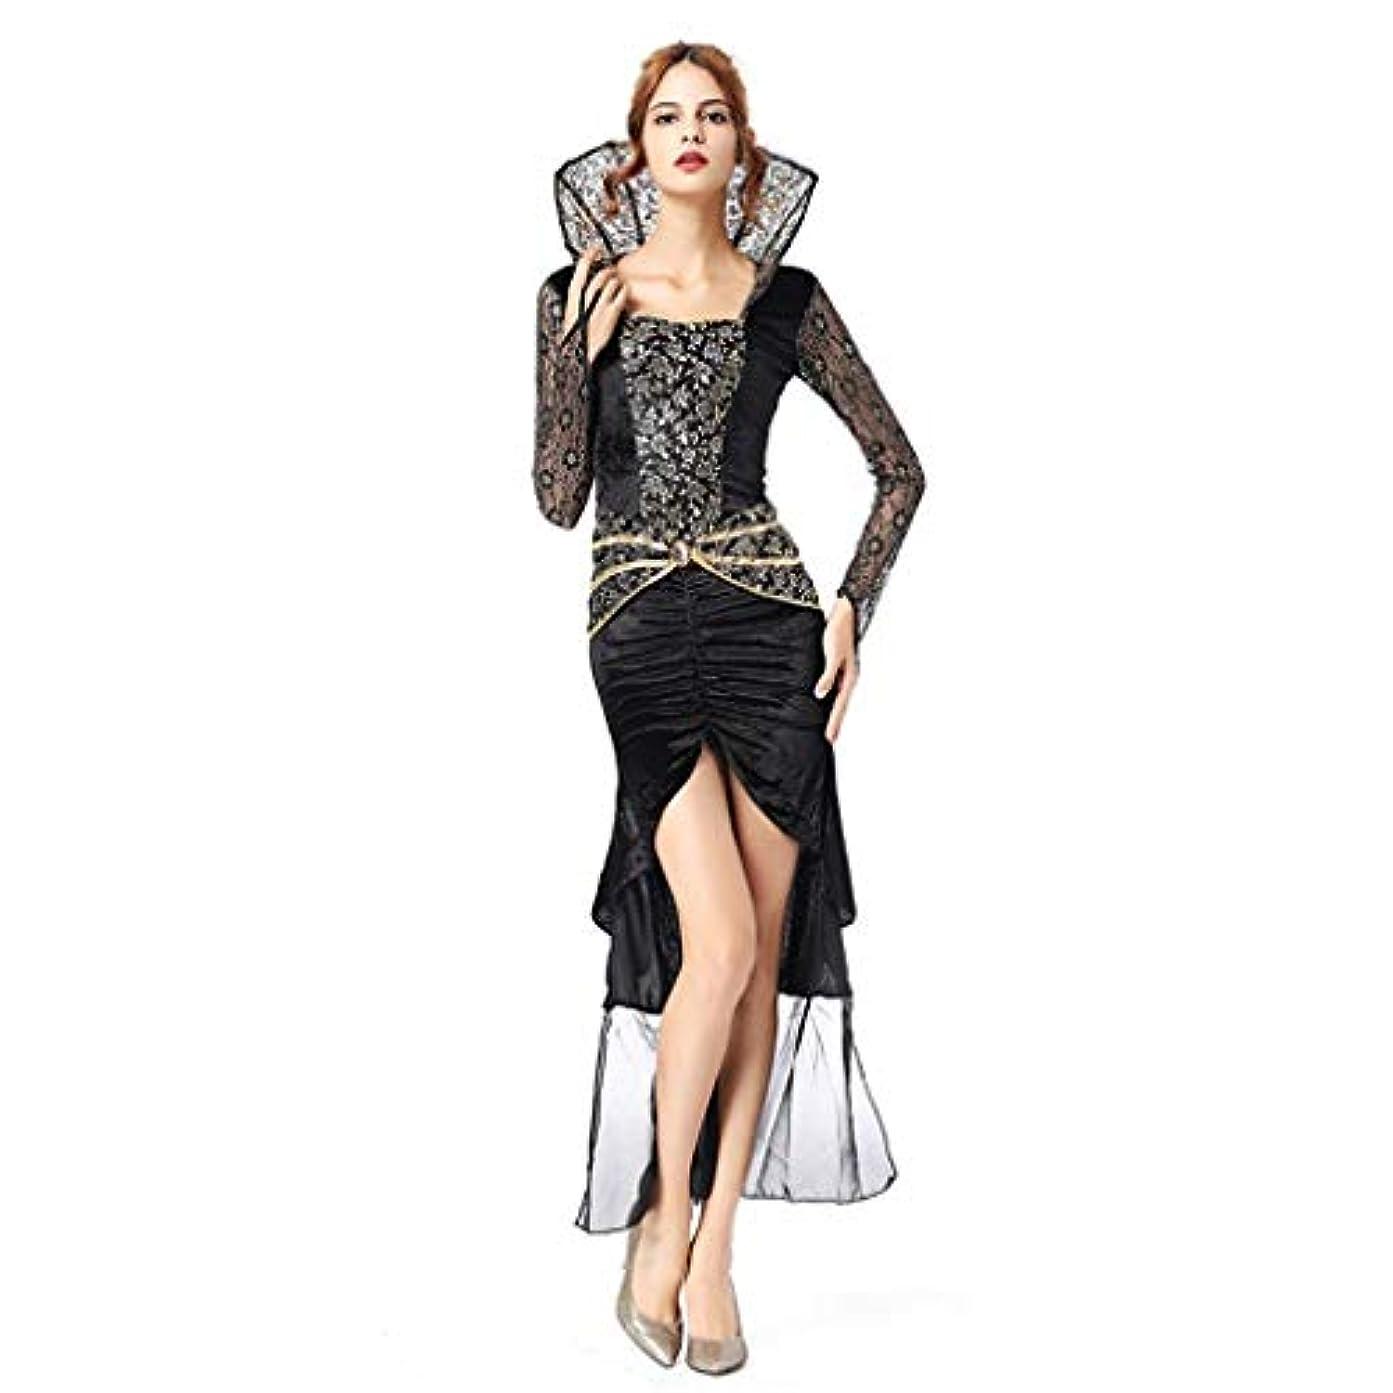 吸い込む実際ハブブSHWSM ノーブルクイーンコスチューム、エジプトクイーンヴァンパイアコスプレコスチューム、ロールプレイングダンス(160cm-175cm)のさまざまな大人の女性マスカレードコスチューム